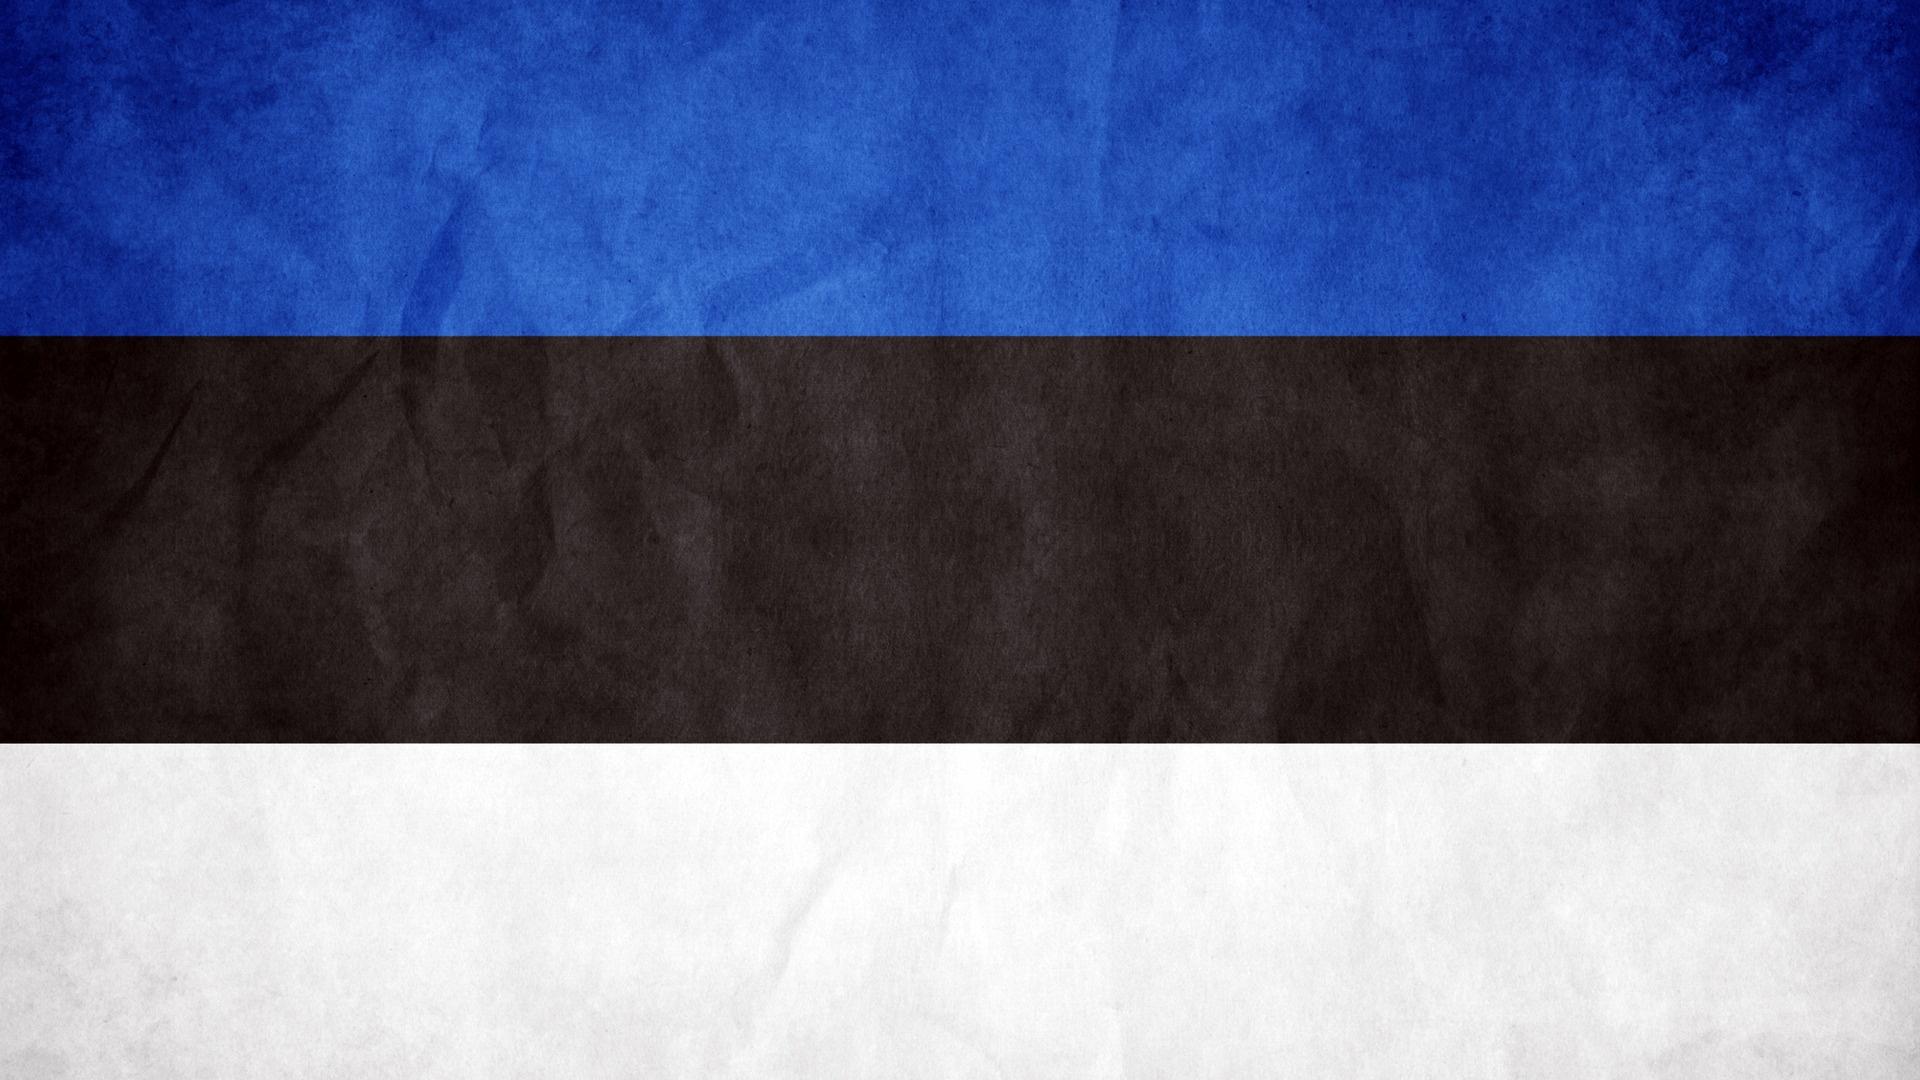 Estonia Flag HD wallpaper 1920x1080